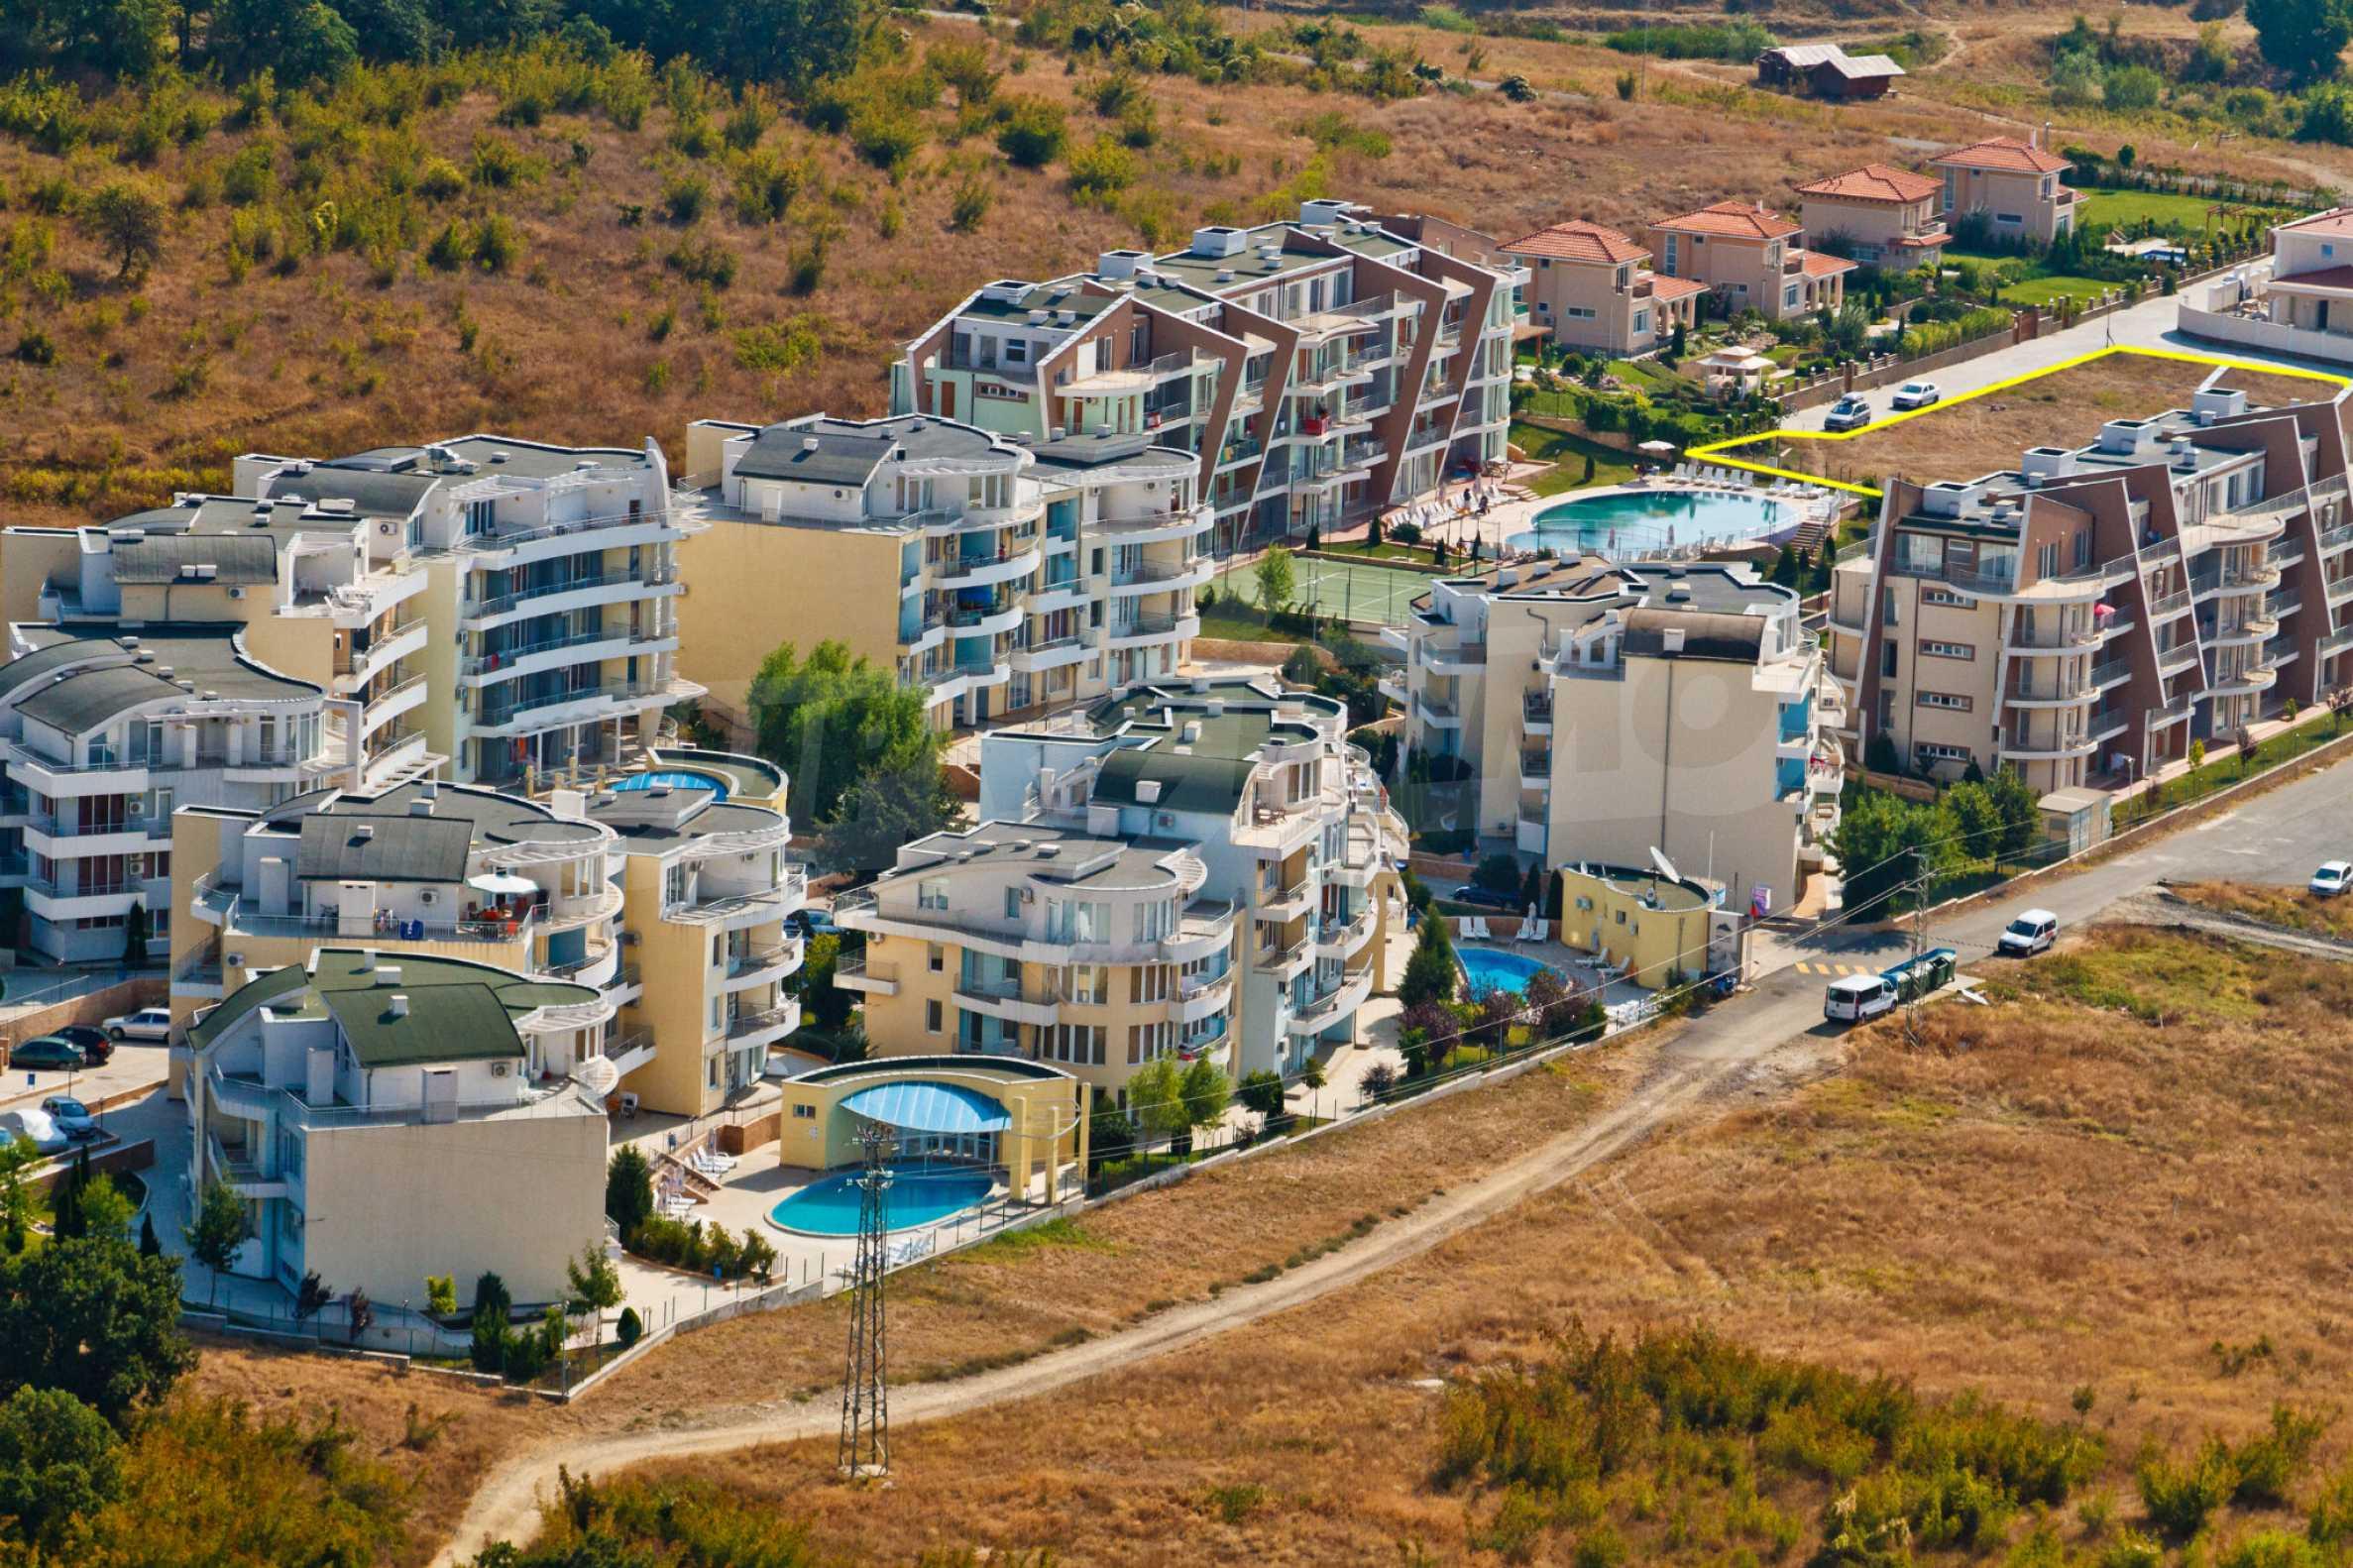 Erschlossene Grundstücke in der luxuriösen Villa-Siedlung SUNSET VILLAS 3